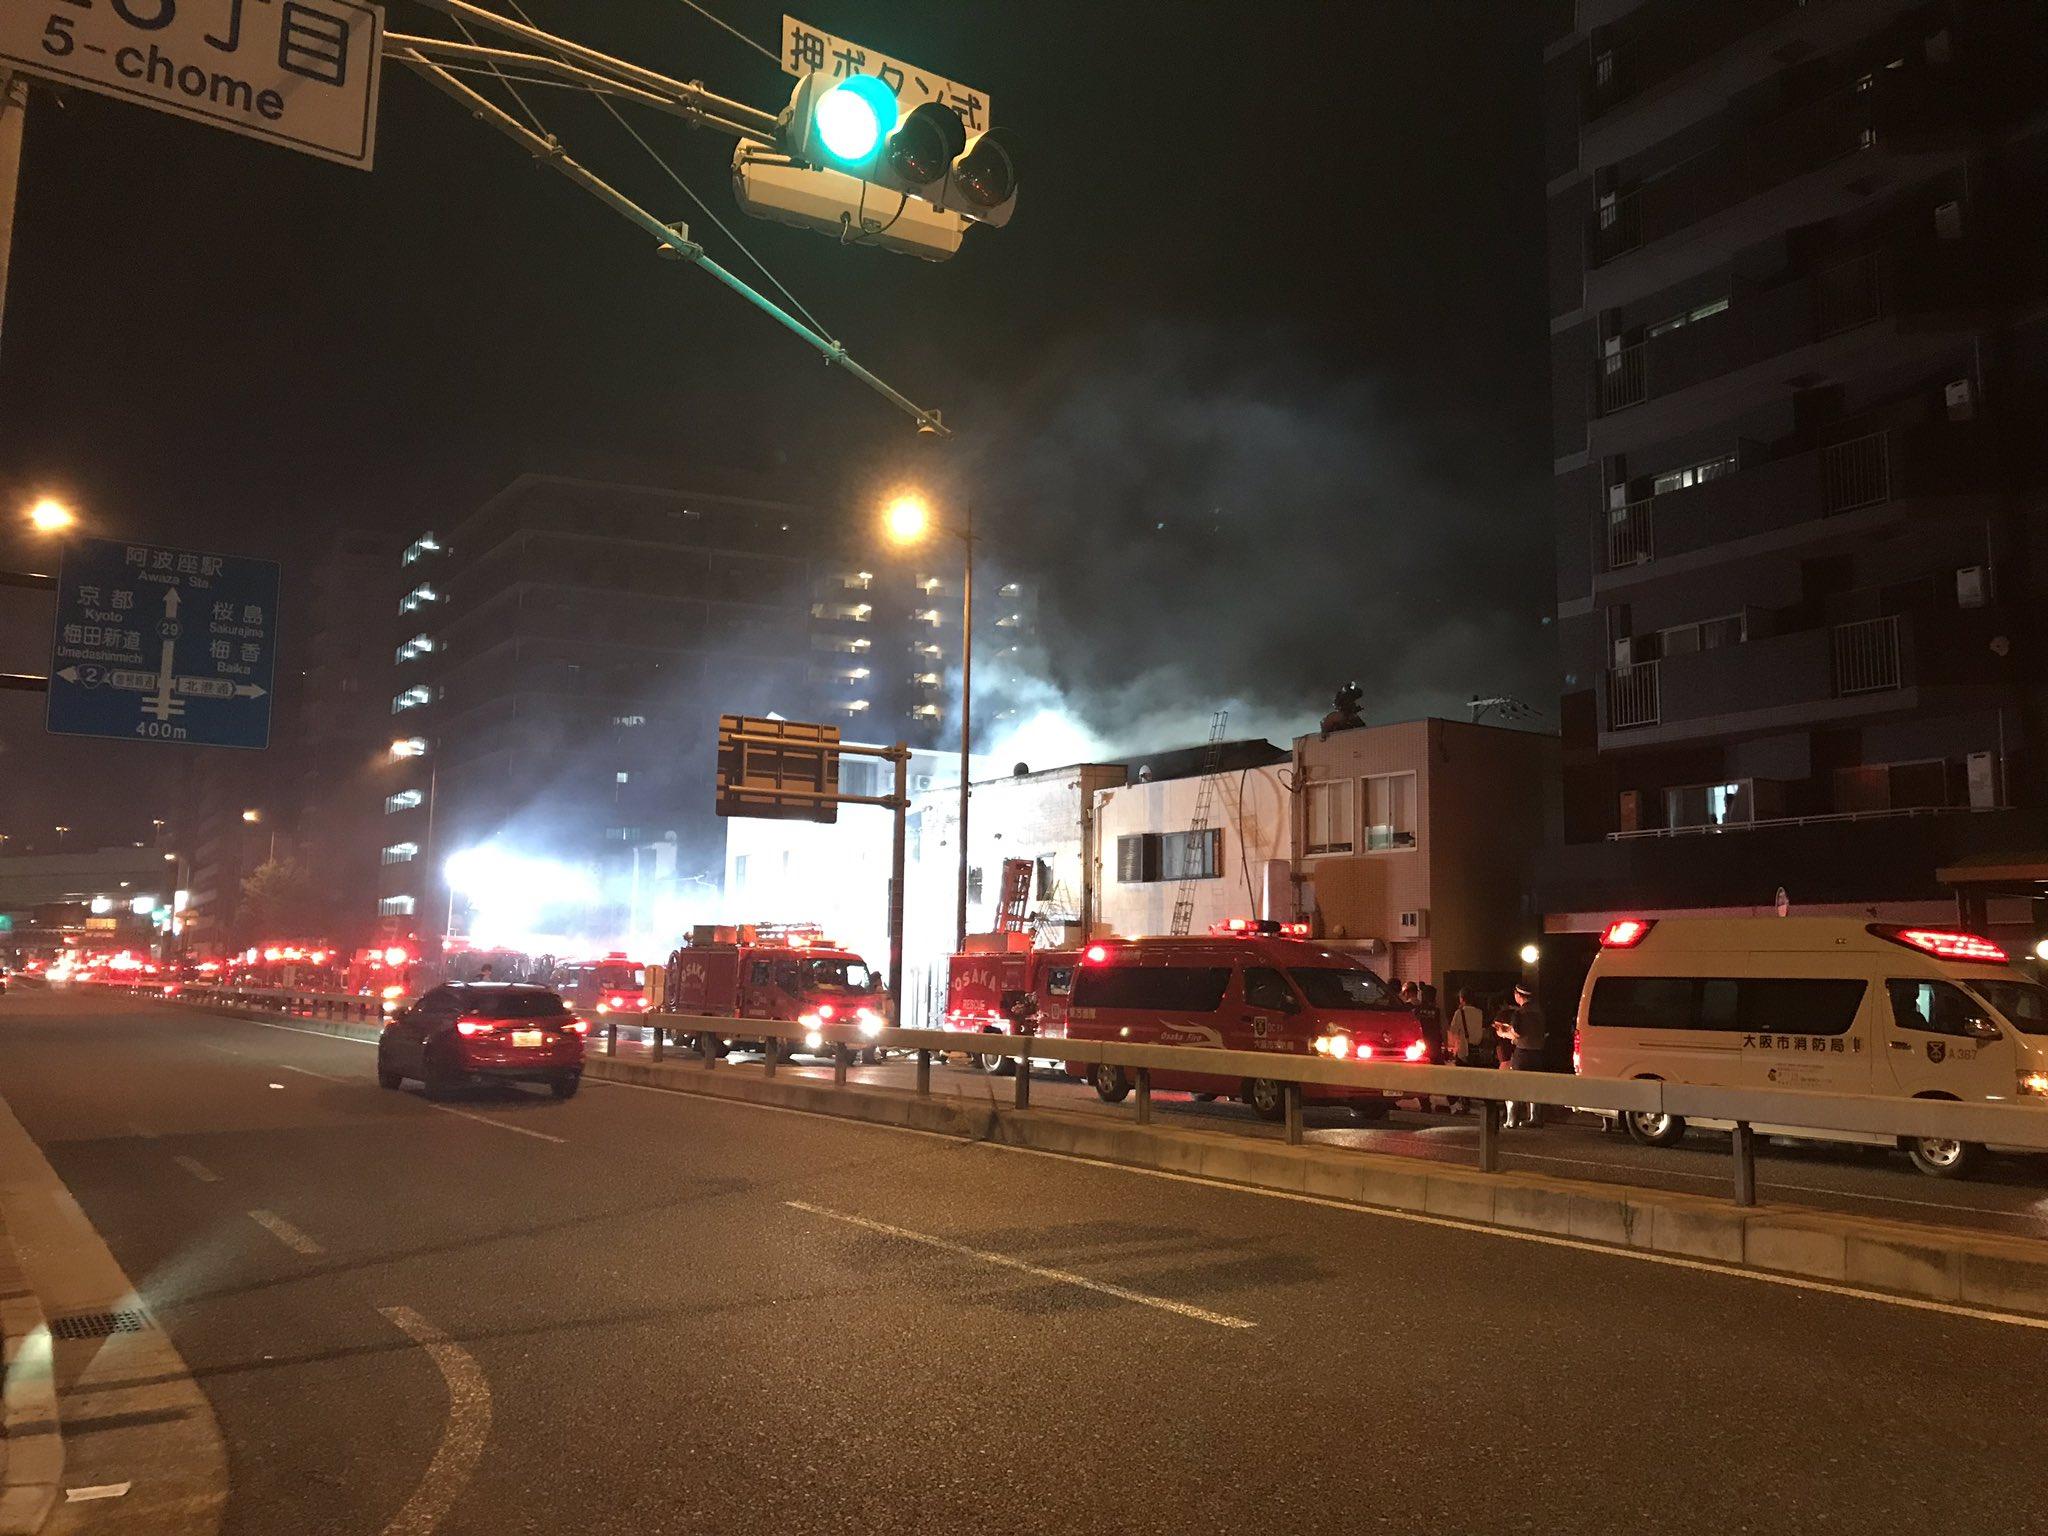 画像,近くで火事、緊急車両20台以上出てきてて道路も塞がってて大変😳閉店後に若いスタッフが悪ふざけしてるのが目障りだった美容室が燃えて複雑な気分だ😂 https://…